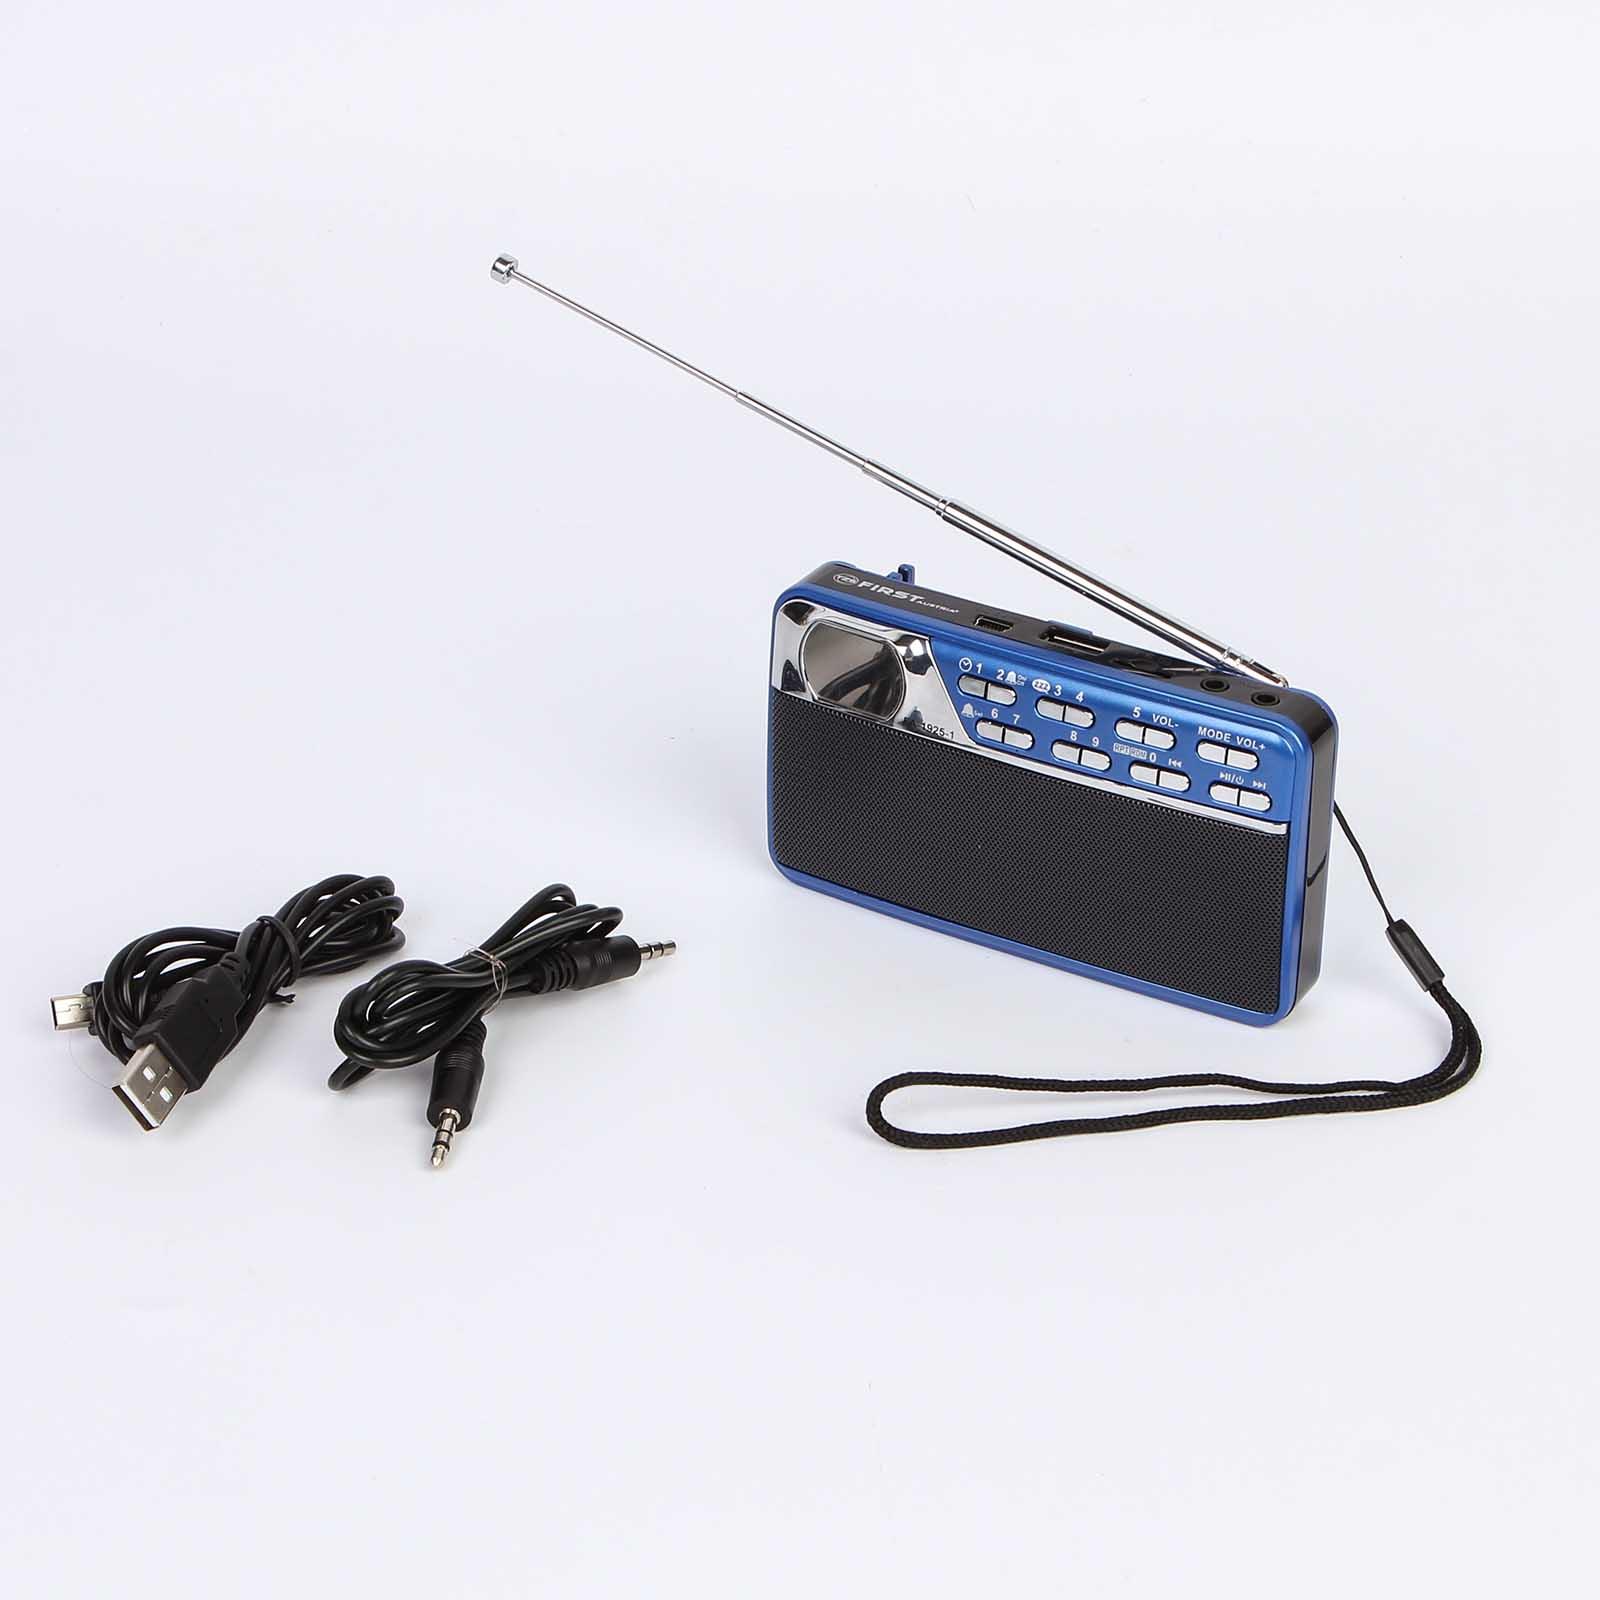 Компактный переносной радиоприемник